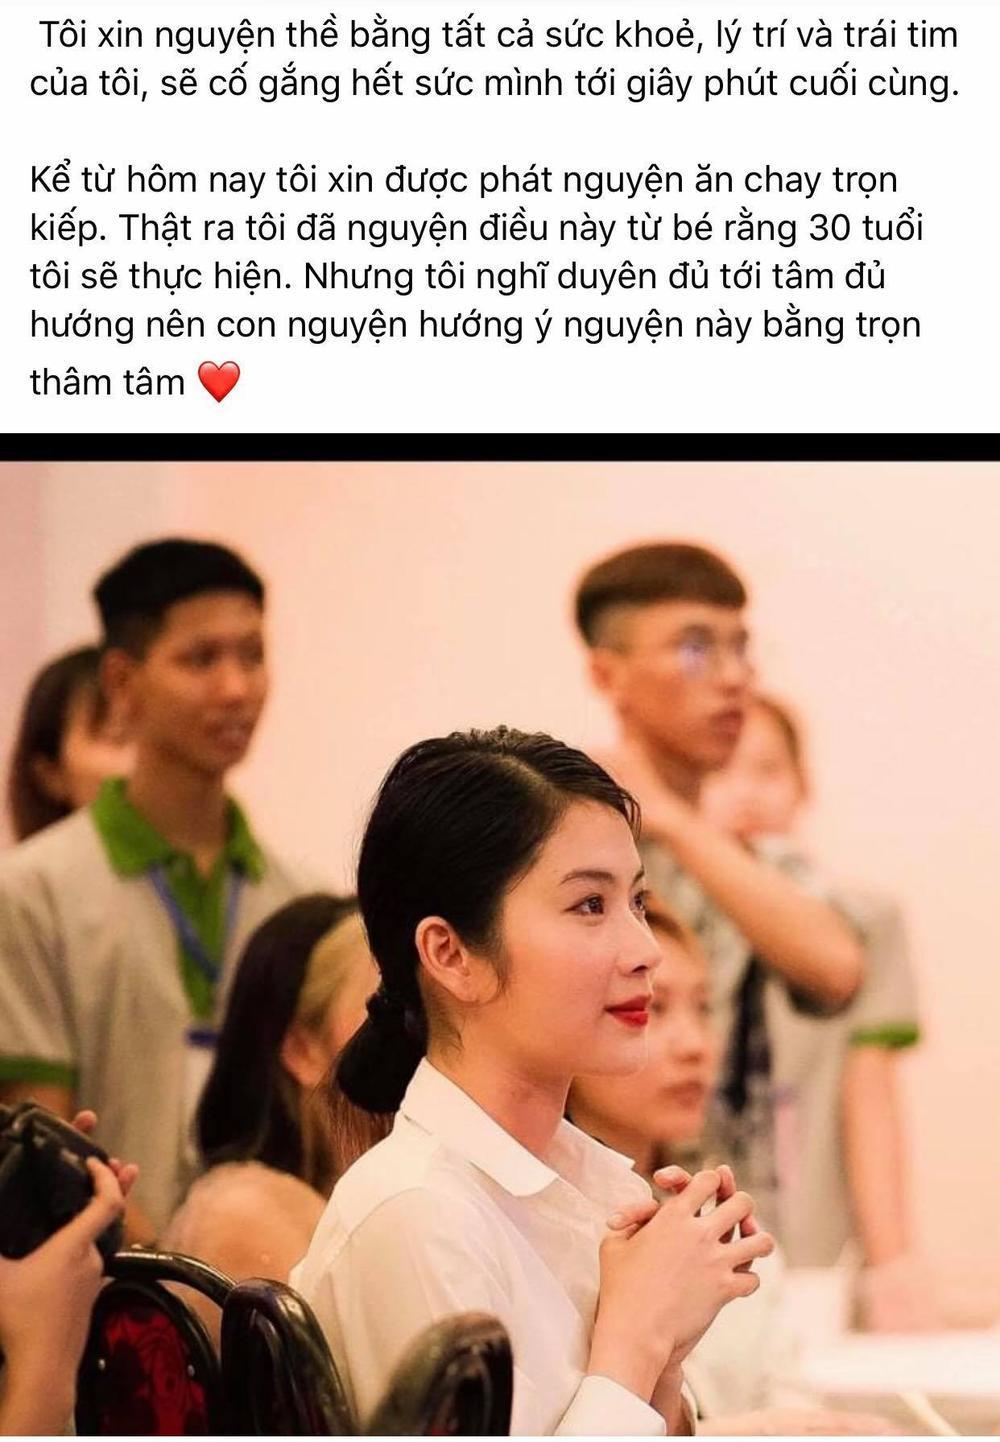 Lệ Nam nguyện ăn chay trọn kiếp hậu ghi danh đấu trường nhan sắc Miss Universe Việt nam 2021 Ảnh 3